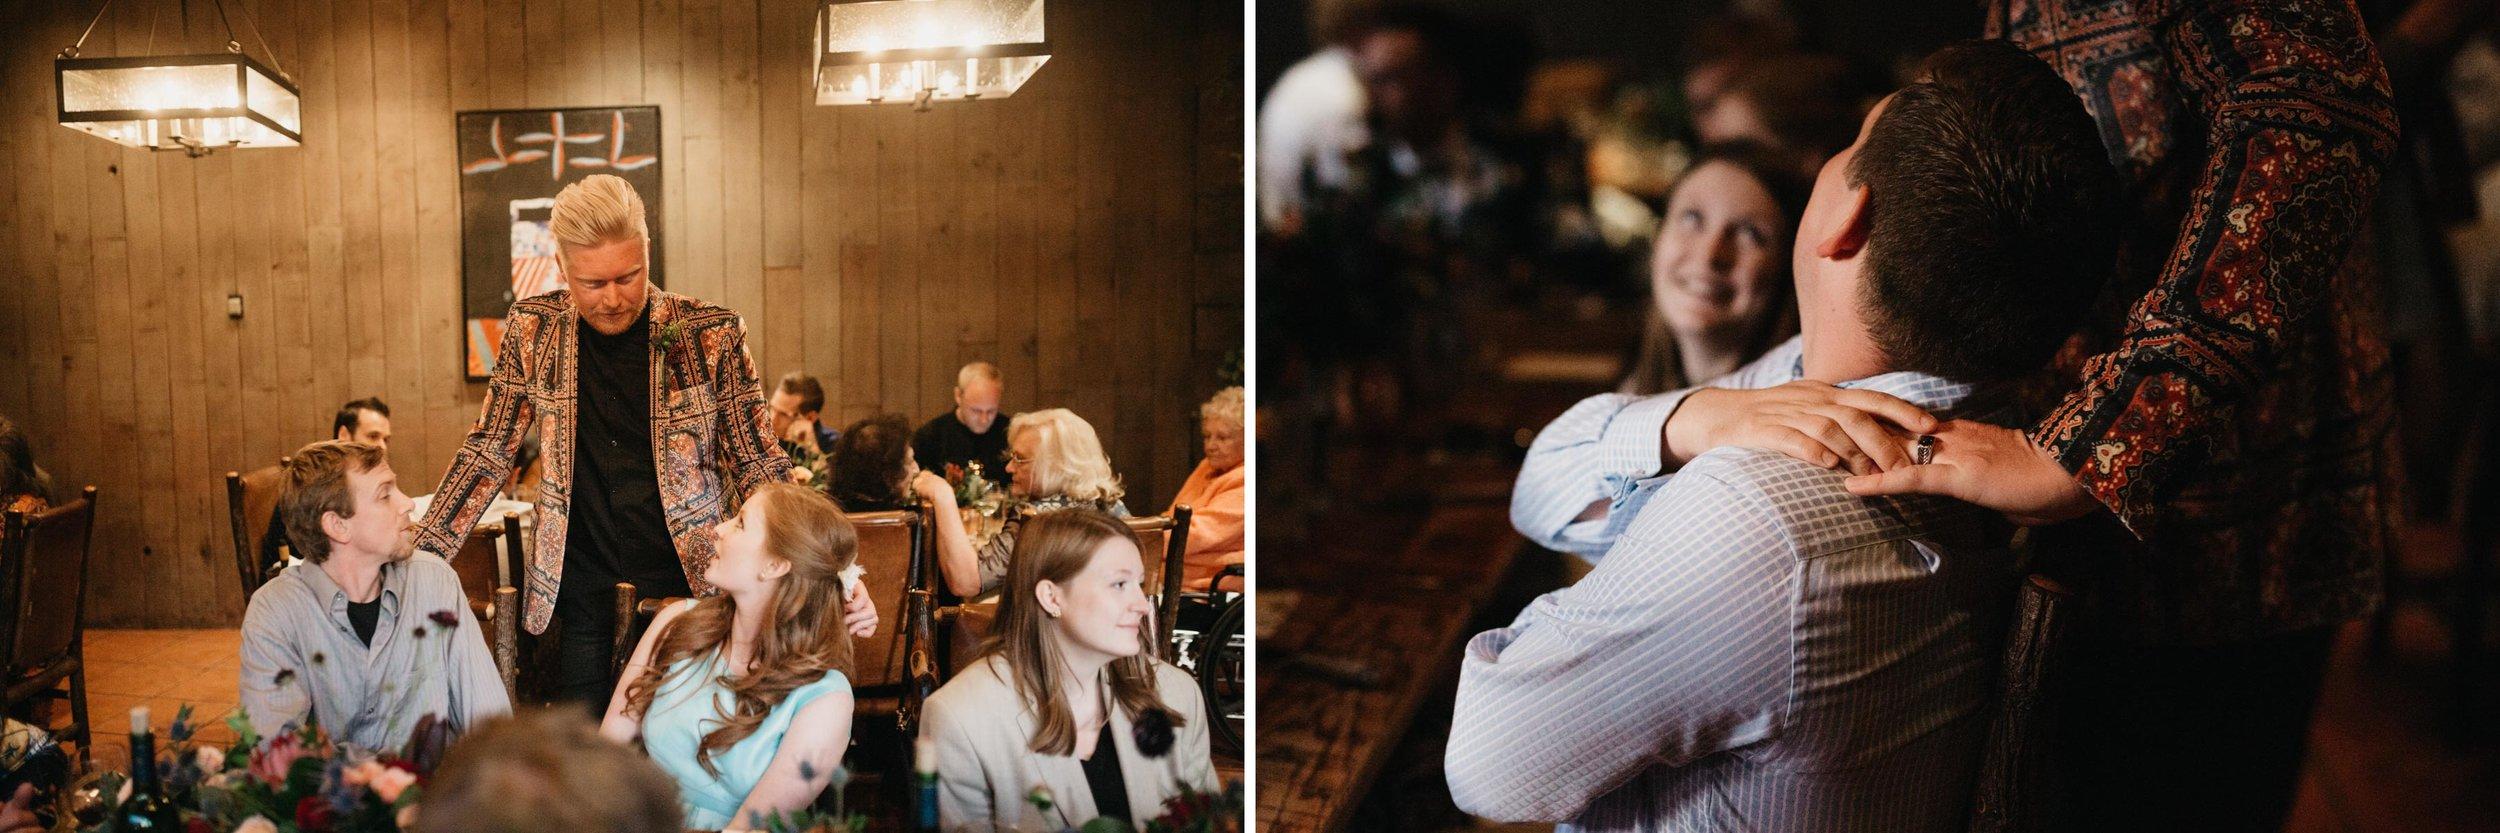 Sundance-Wedding-Photographer-026.jpg